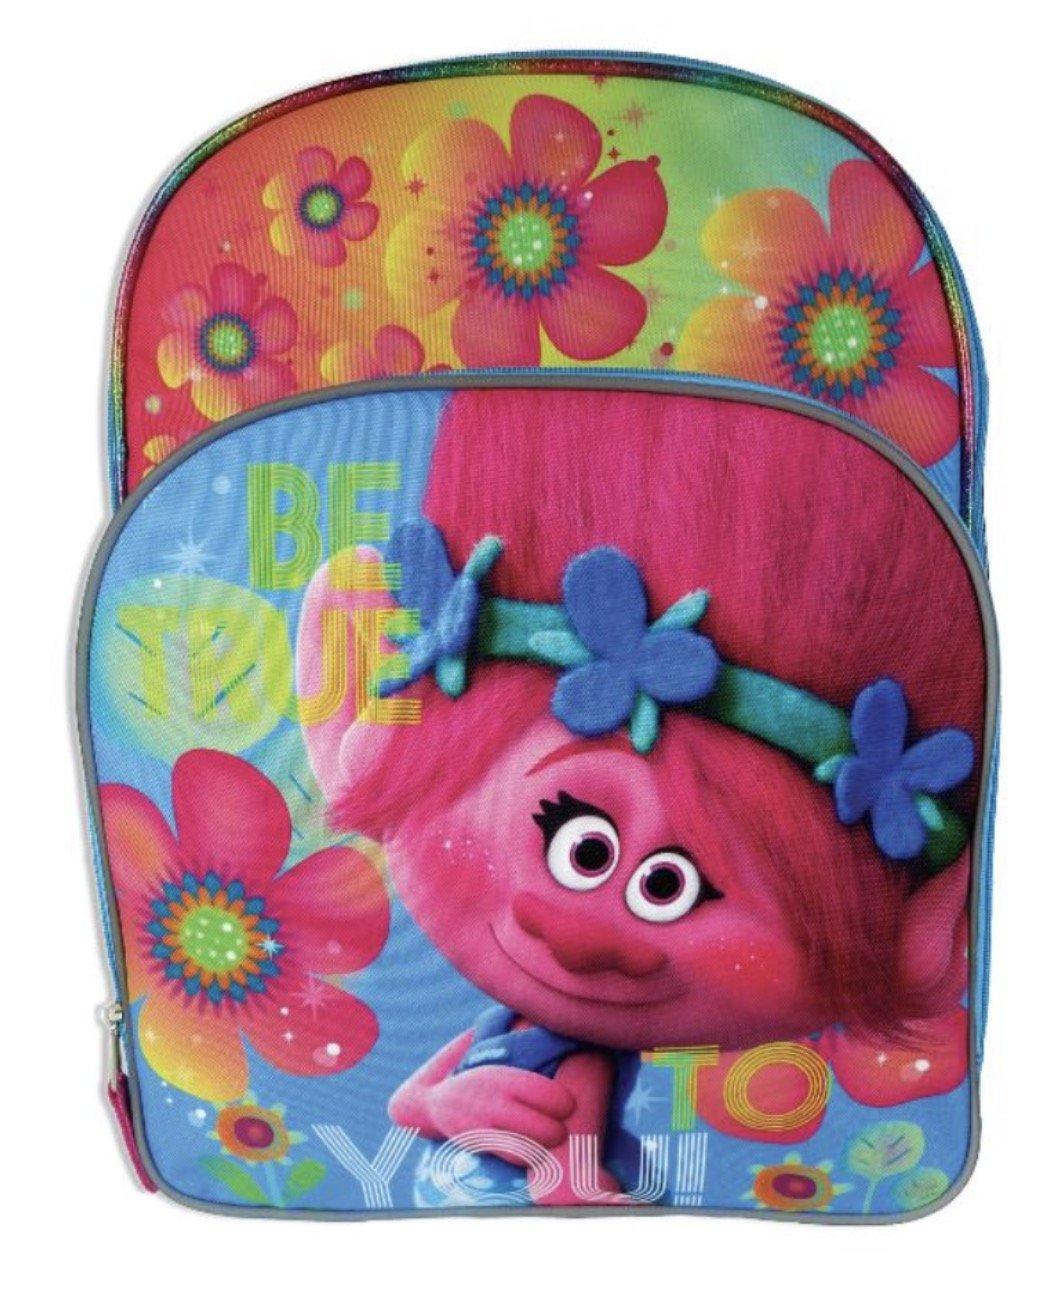 DreamWorks Trolls Poppy Full Size Backpack with Side Mesh Pockets B074PDTN7P